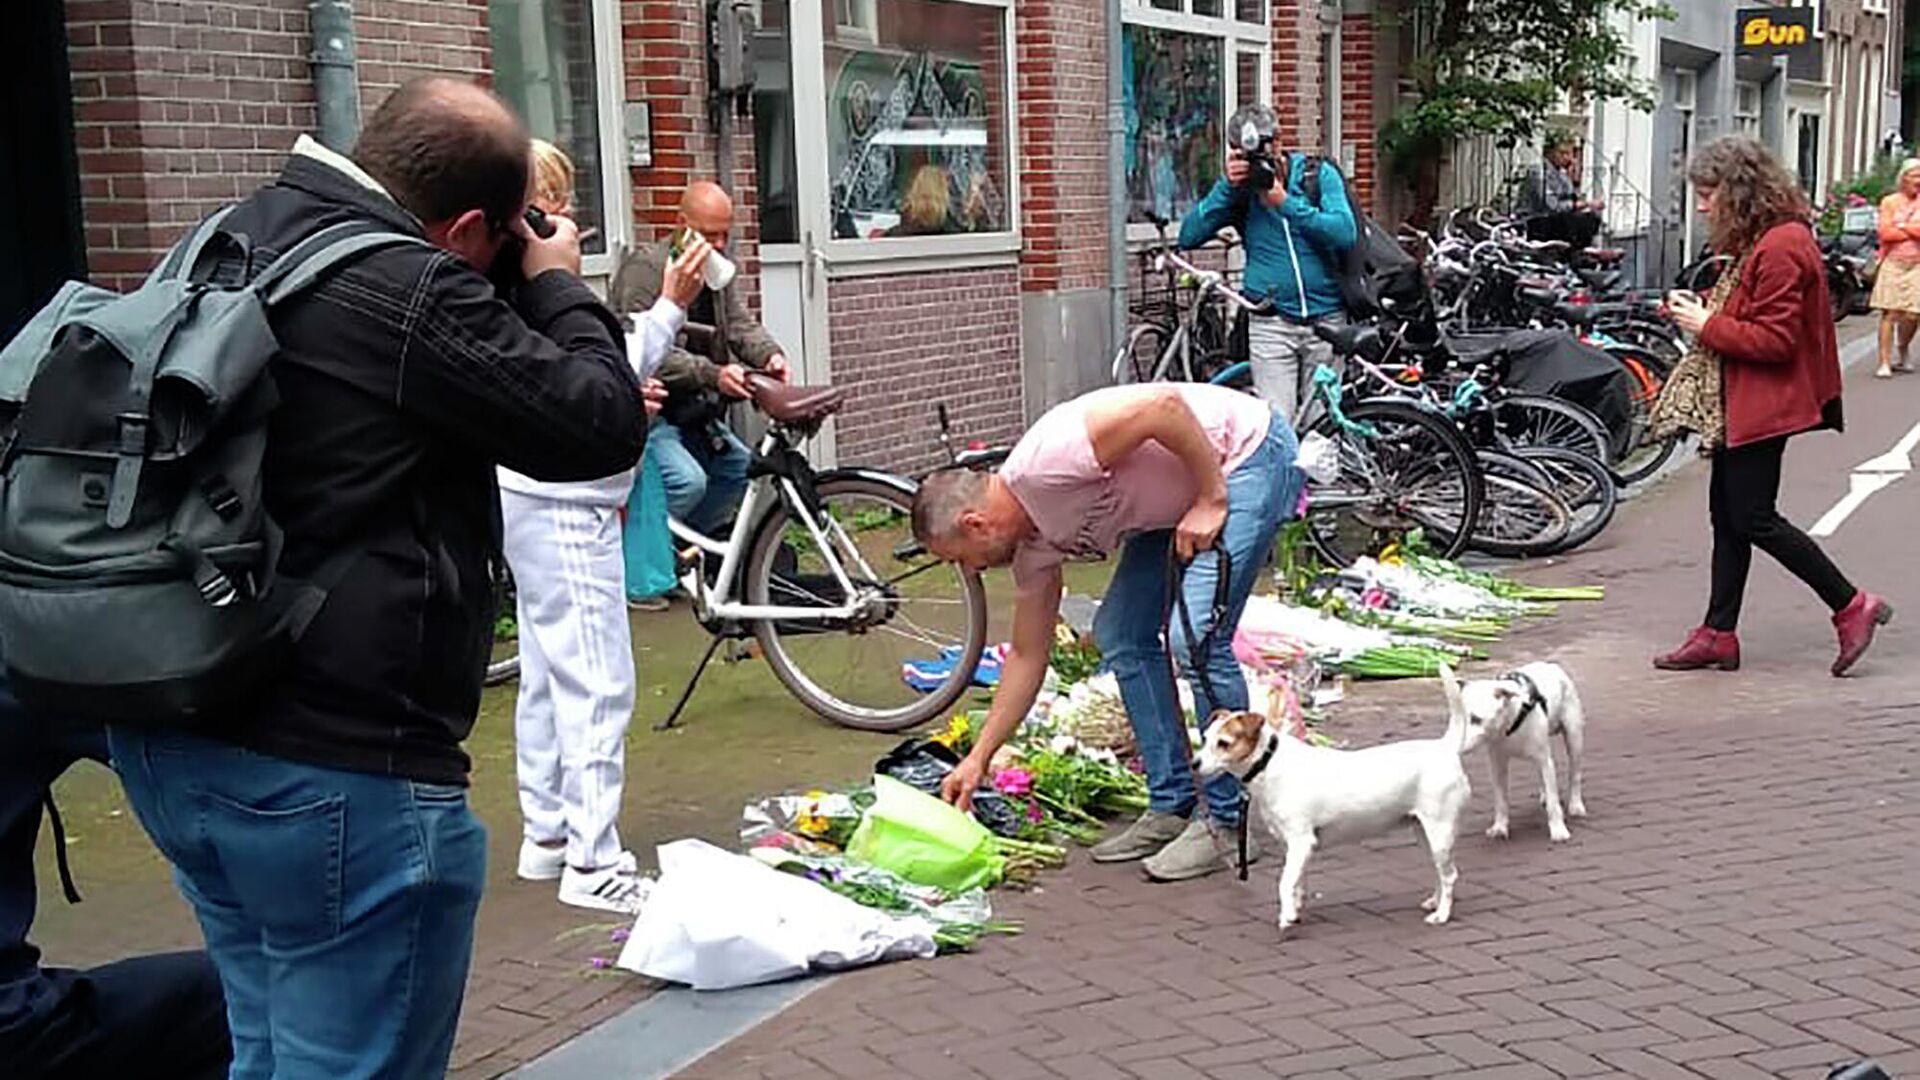 Menschen legen Blumen am Ort des Anschlages auf den Kriminalreporter Peter R. de Vries in Amstredam nieder - SNA, 1920, 07.07.2021